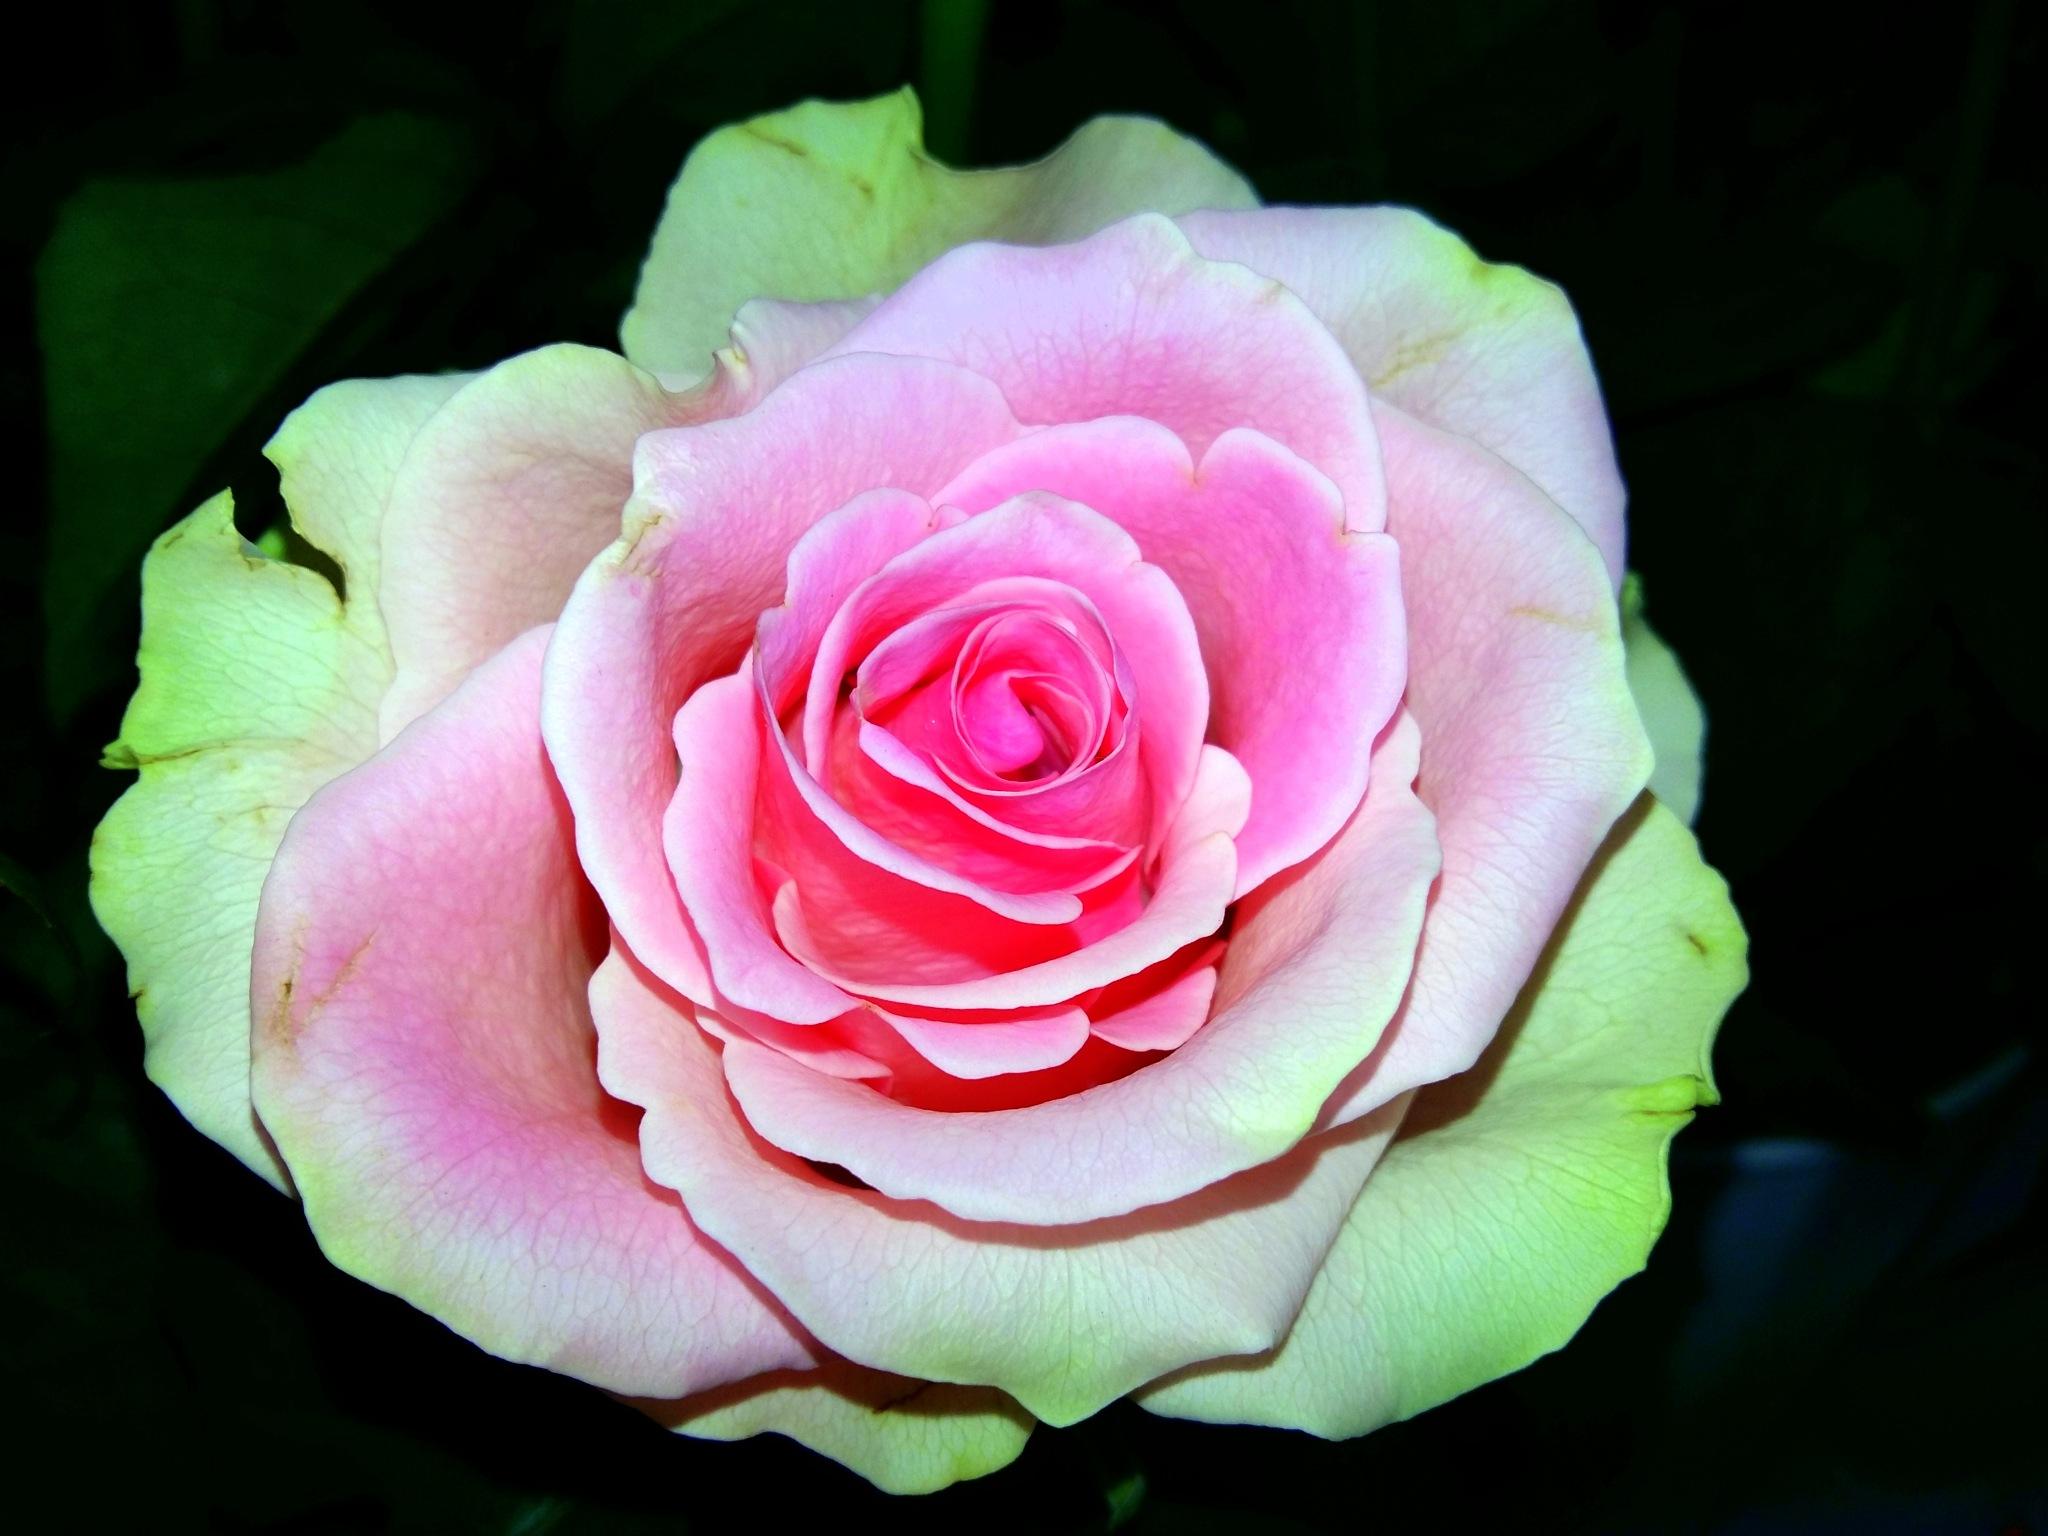 Rose by uzkuraitiene62